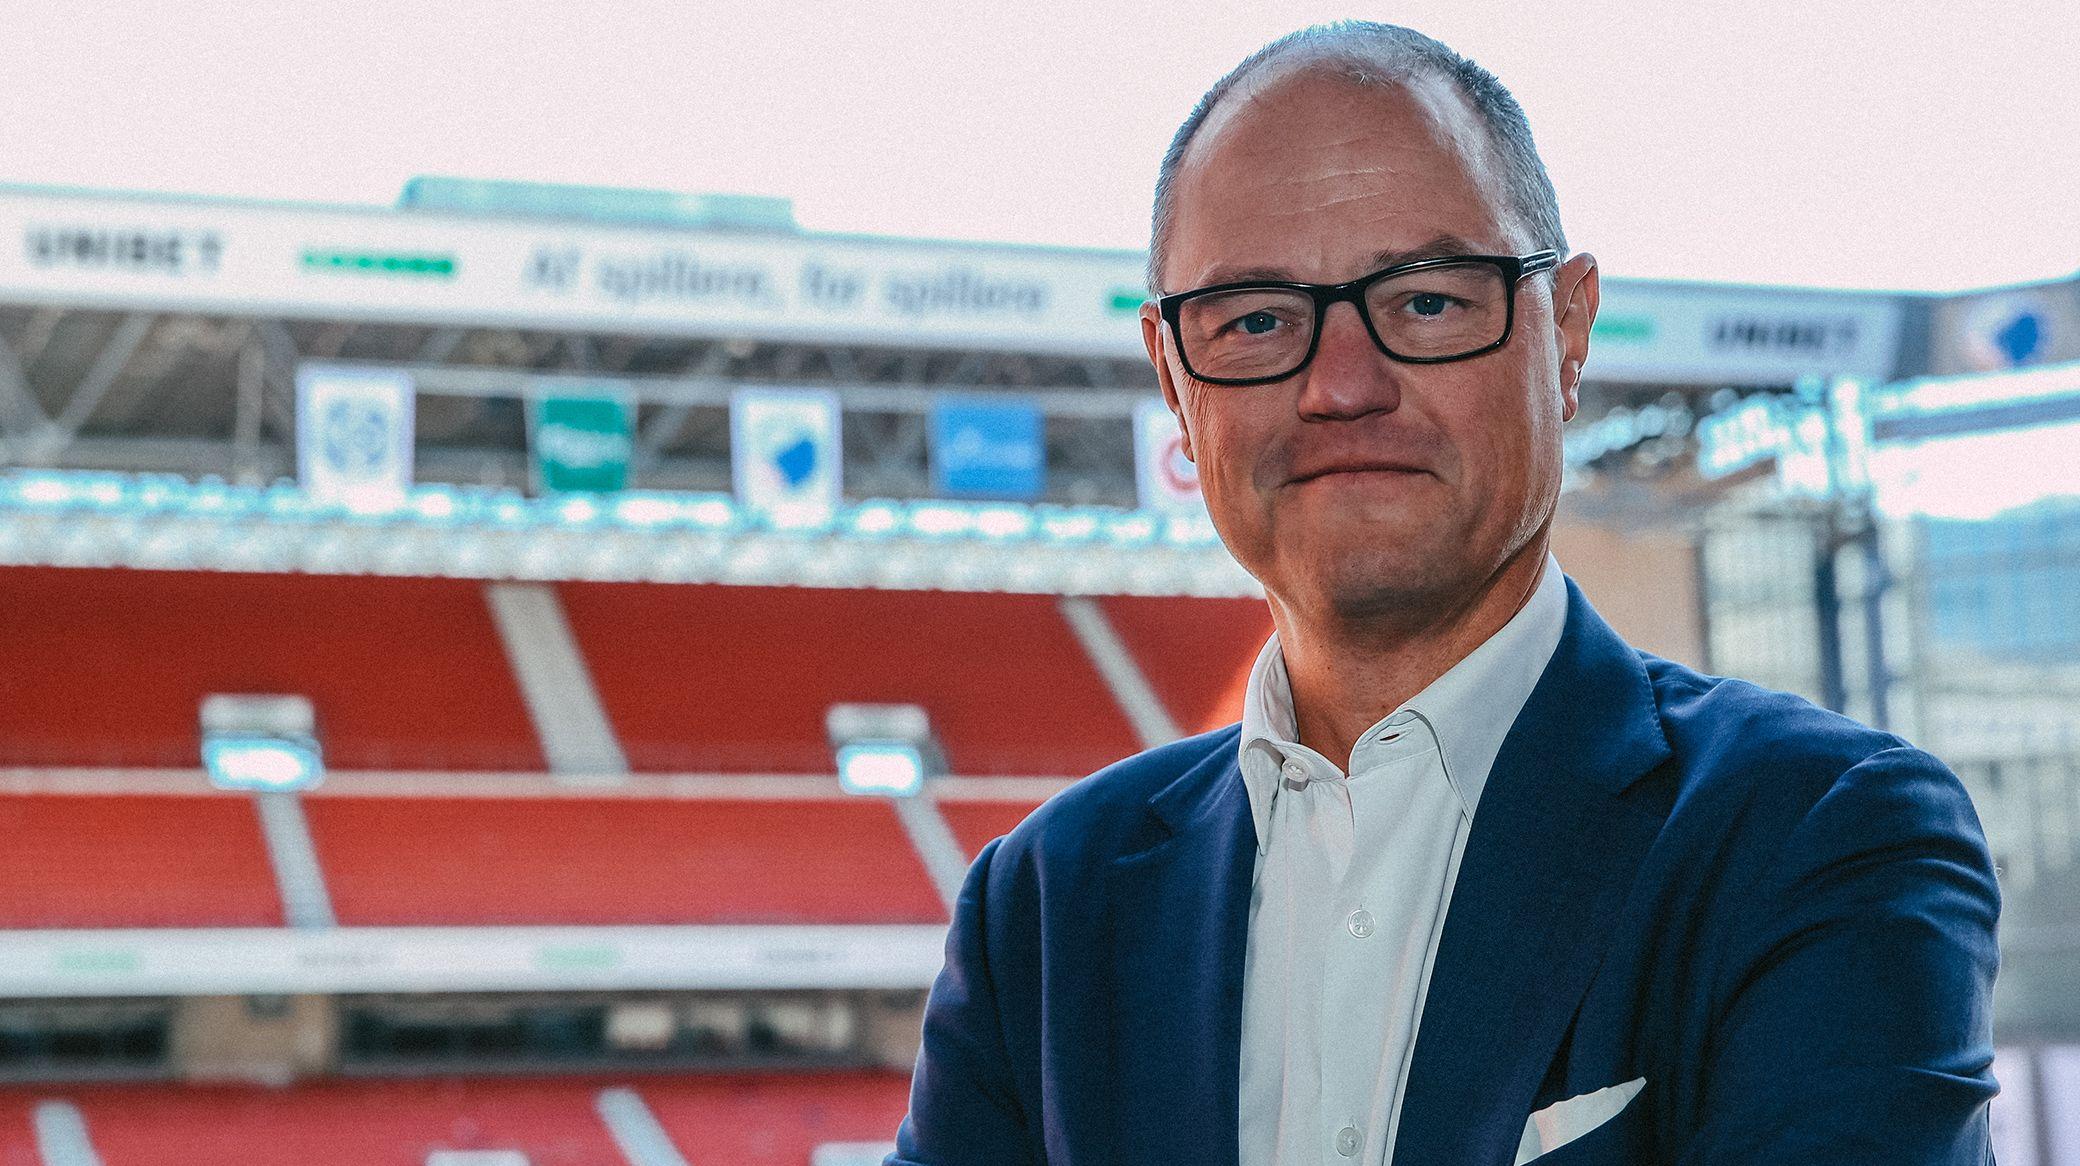 Allan Agerholm på sin nye hjemmebane, Parken, hvor han som nyvalgt bestyrelsesformand skal hjælpe Parken Sport & Entertainment komme ud af coronakrisen, der også har ramt PS&E-koncernen. Pressefoto: Andreas Højberg, FCK.DK